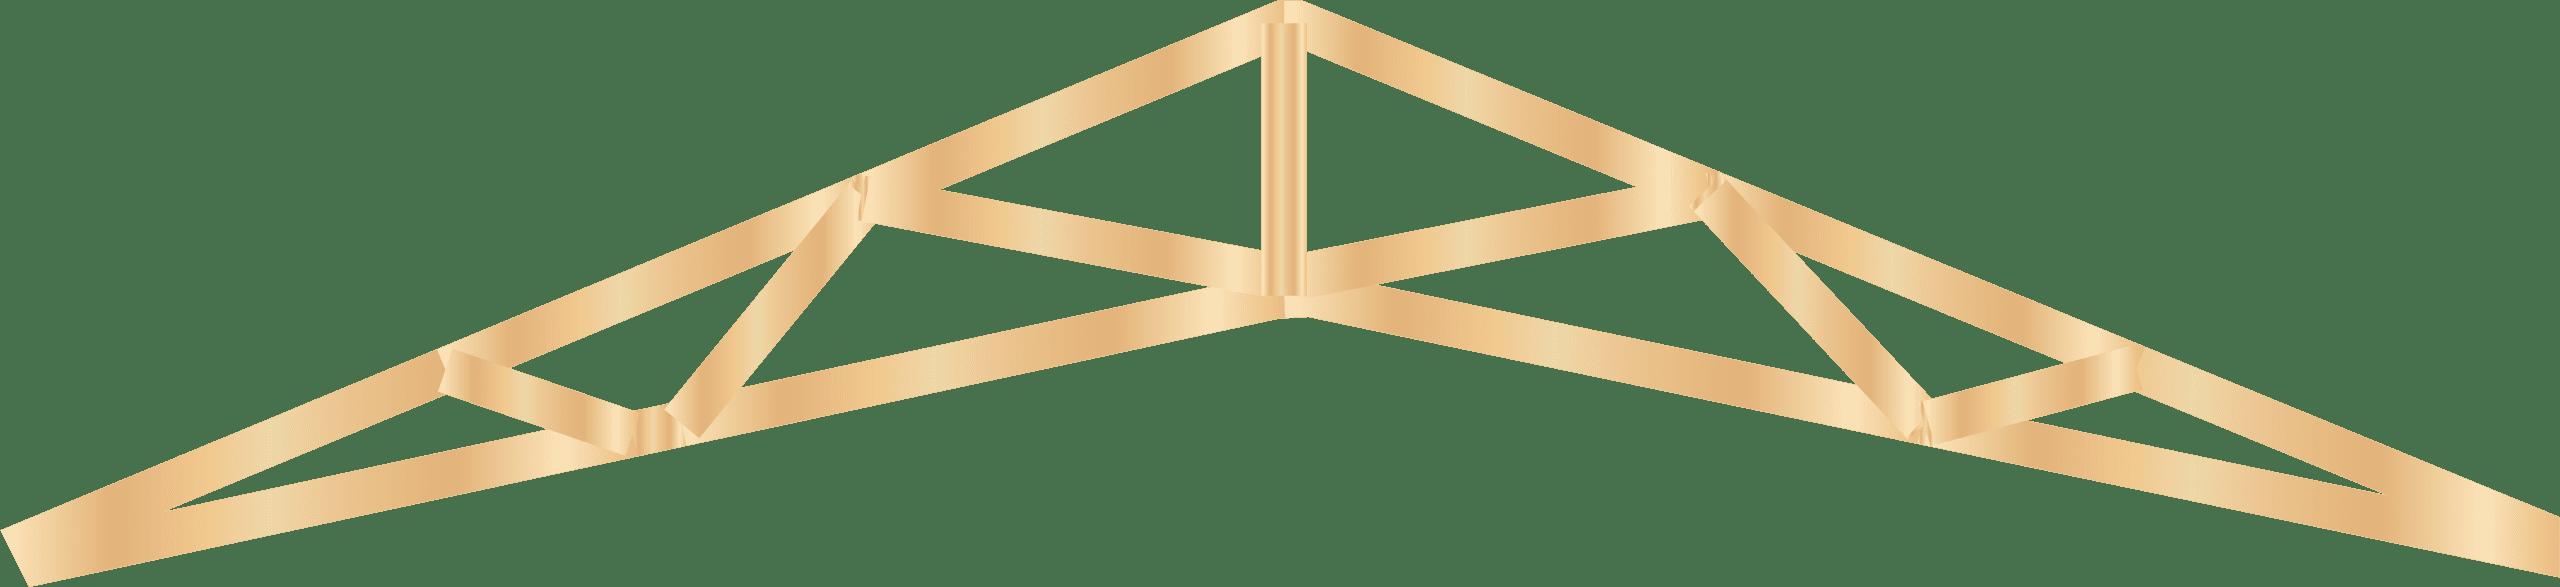 Vaulted/Scissor